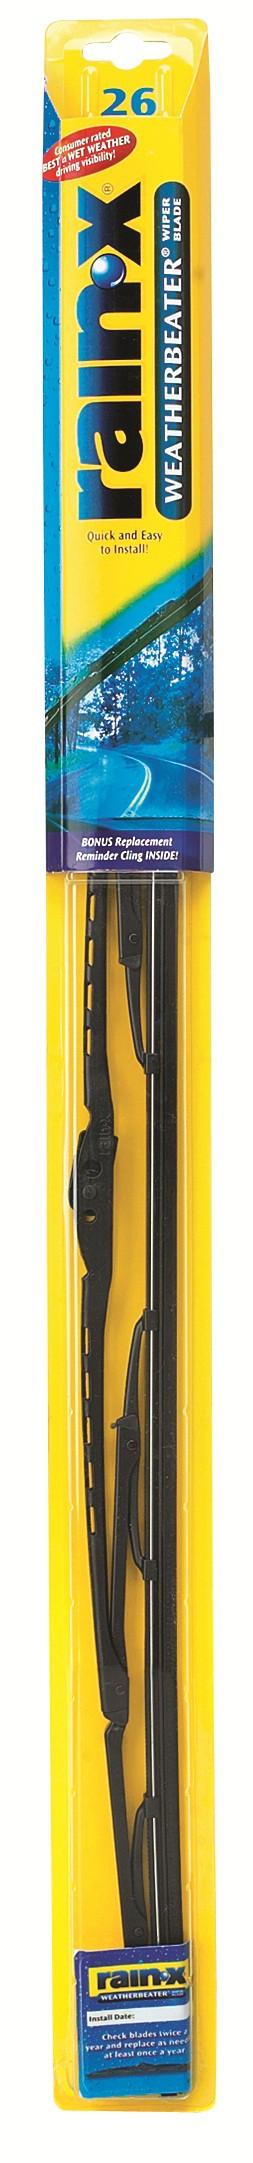 RAIN X - Rain-X Weatherbeater Windshield Wiper Blade - RNX RX30226